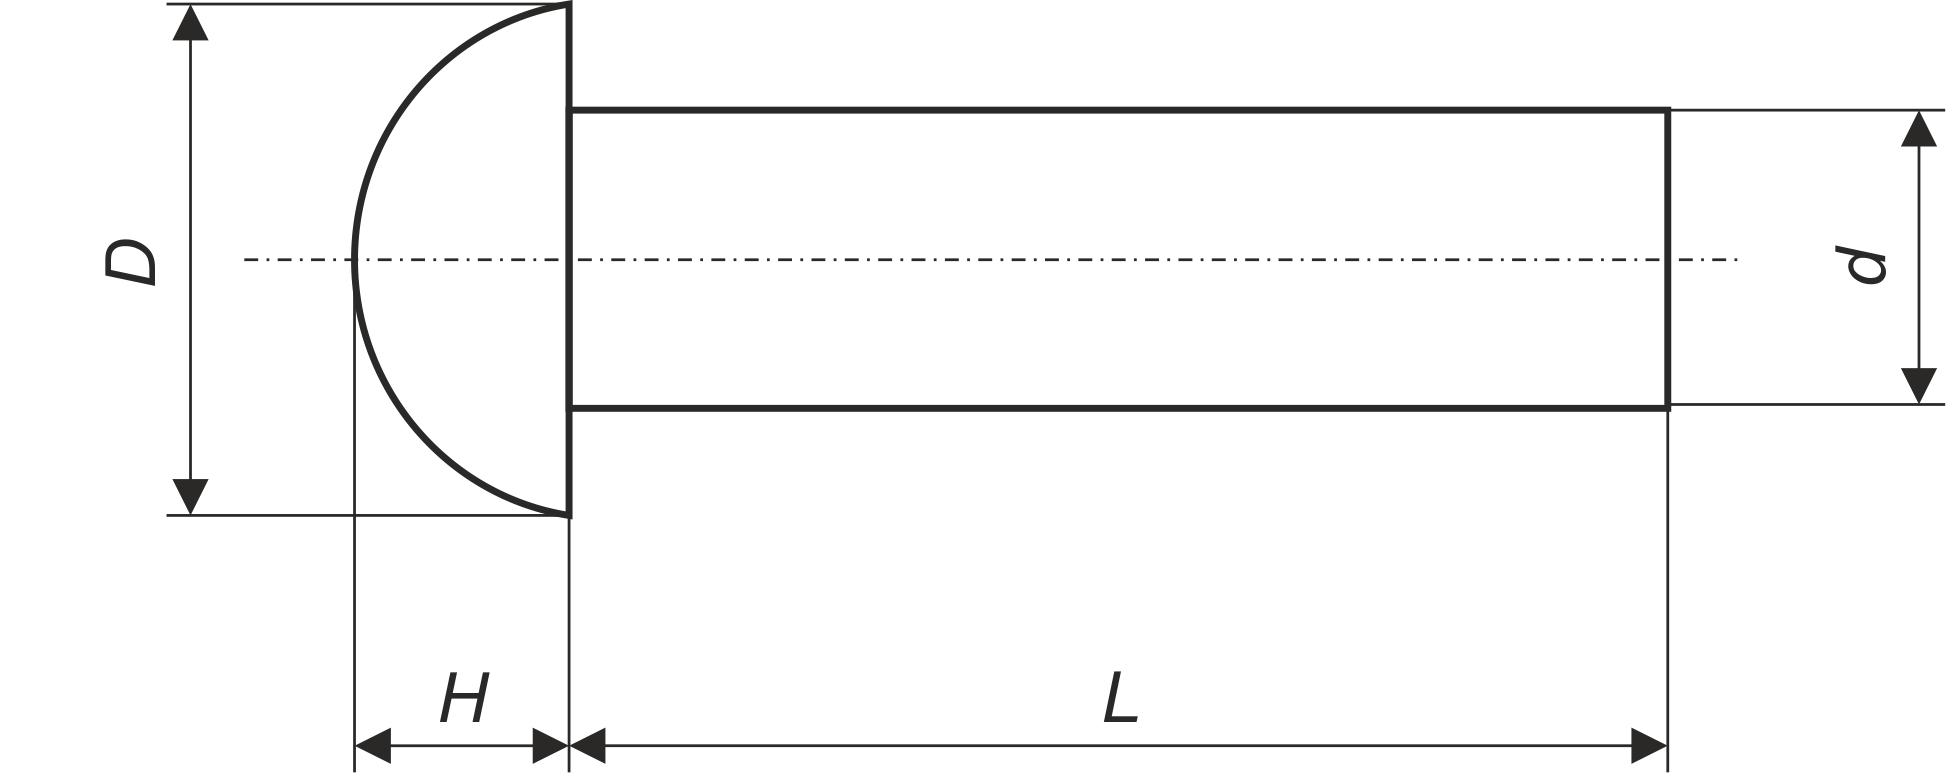 Каталог запчастей мтз pdf